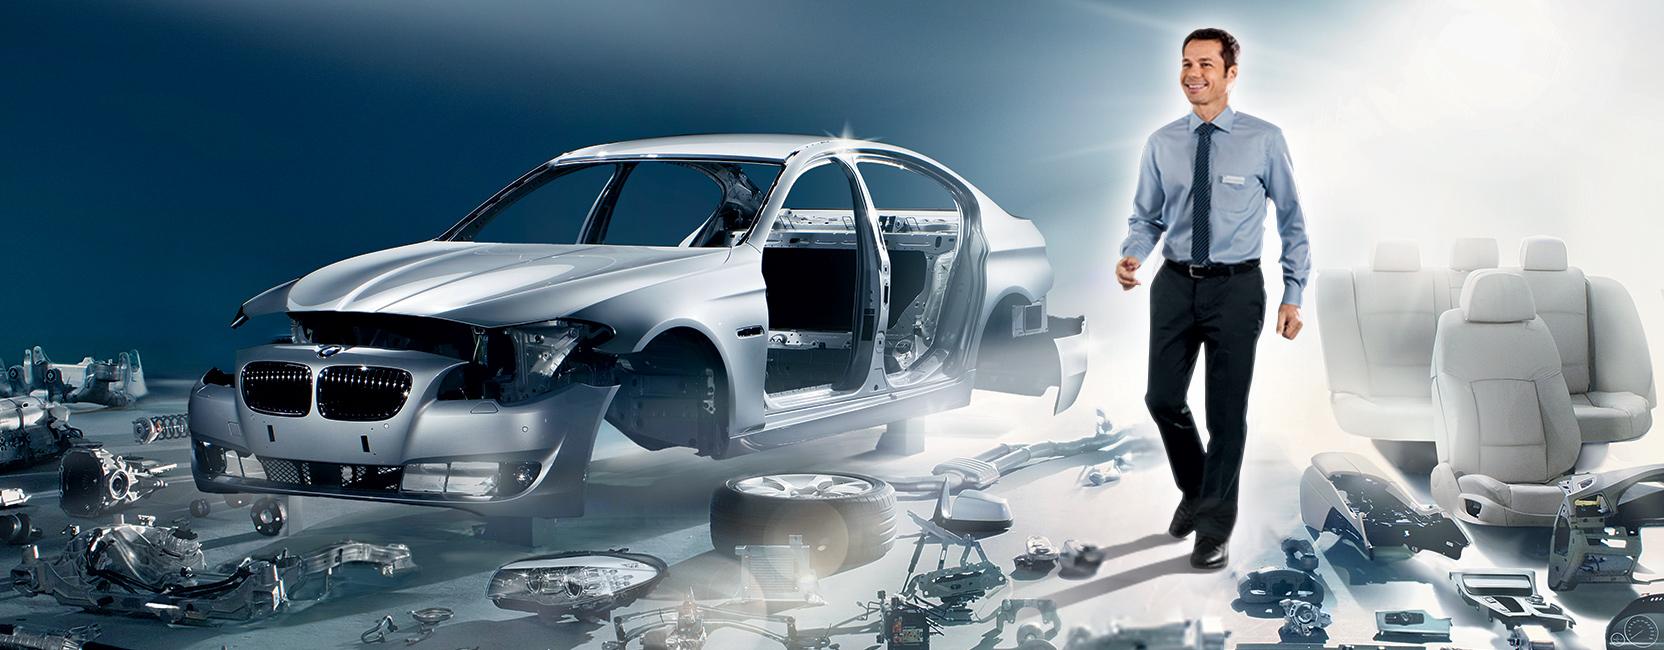 DEALER BMW DEX PREMIUM – PRACA: Potrafisz zmienić miliony części w jeden wynik sprzedażowy? Dołącz do Zespołu Działu Części i Akcesoriów w BMW DEX Premium – firmie, która łączy prestiż marki BMW z ugruntowaną pozycją na rynku. Jeżeli doskonale znasz czę